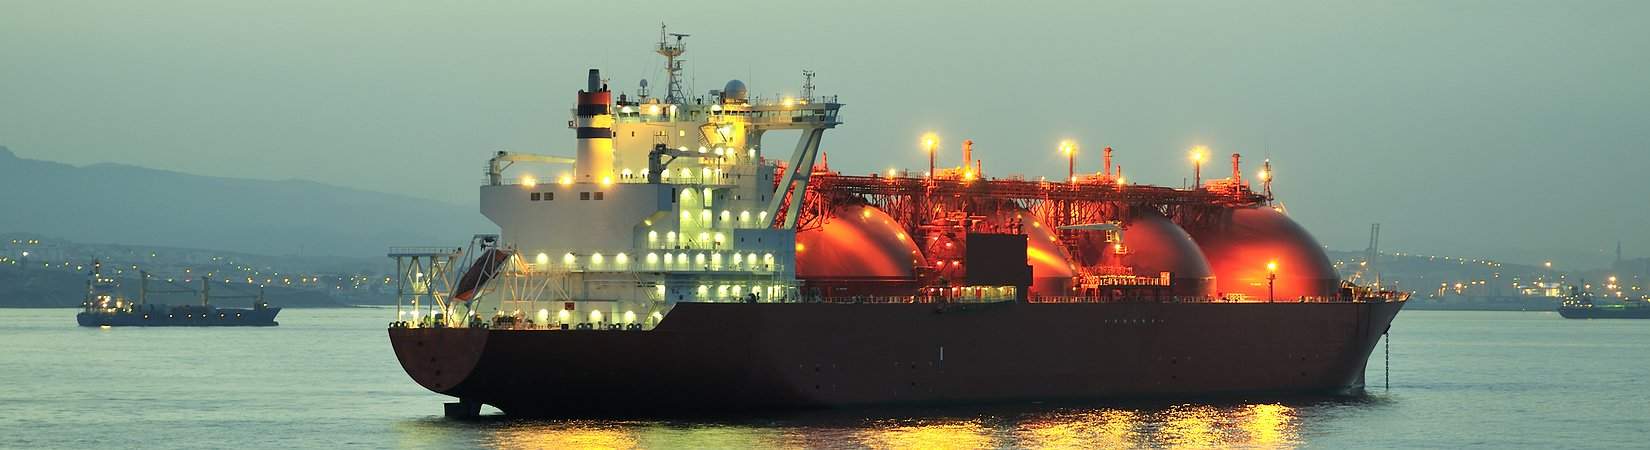 Океан против труб: Как формируется единый рынок газа